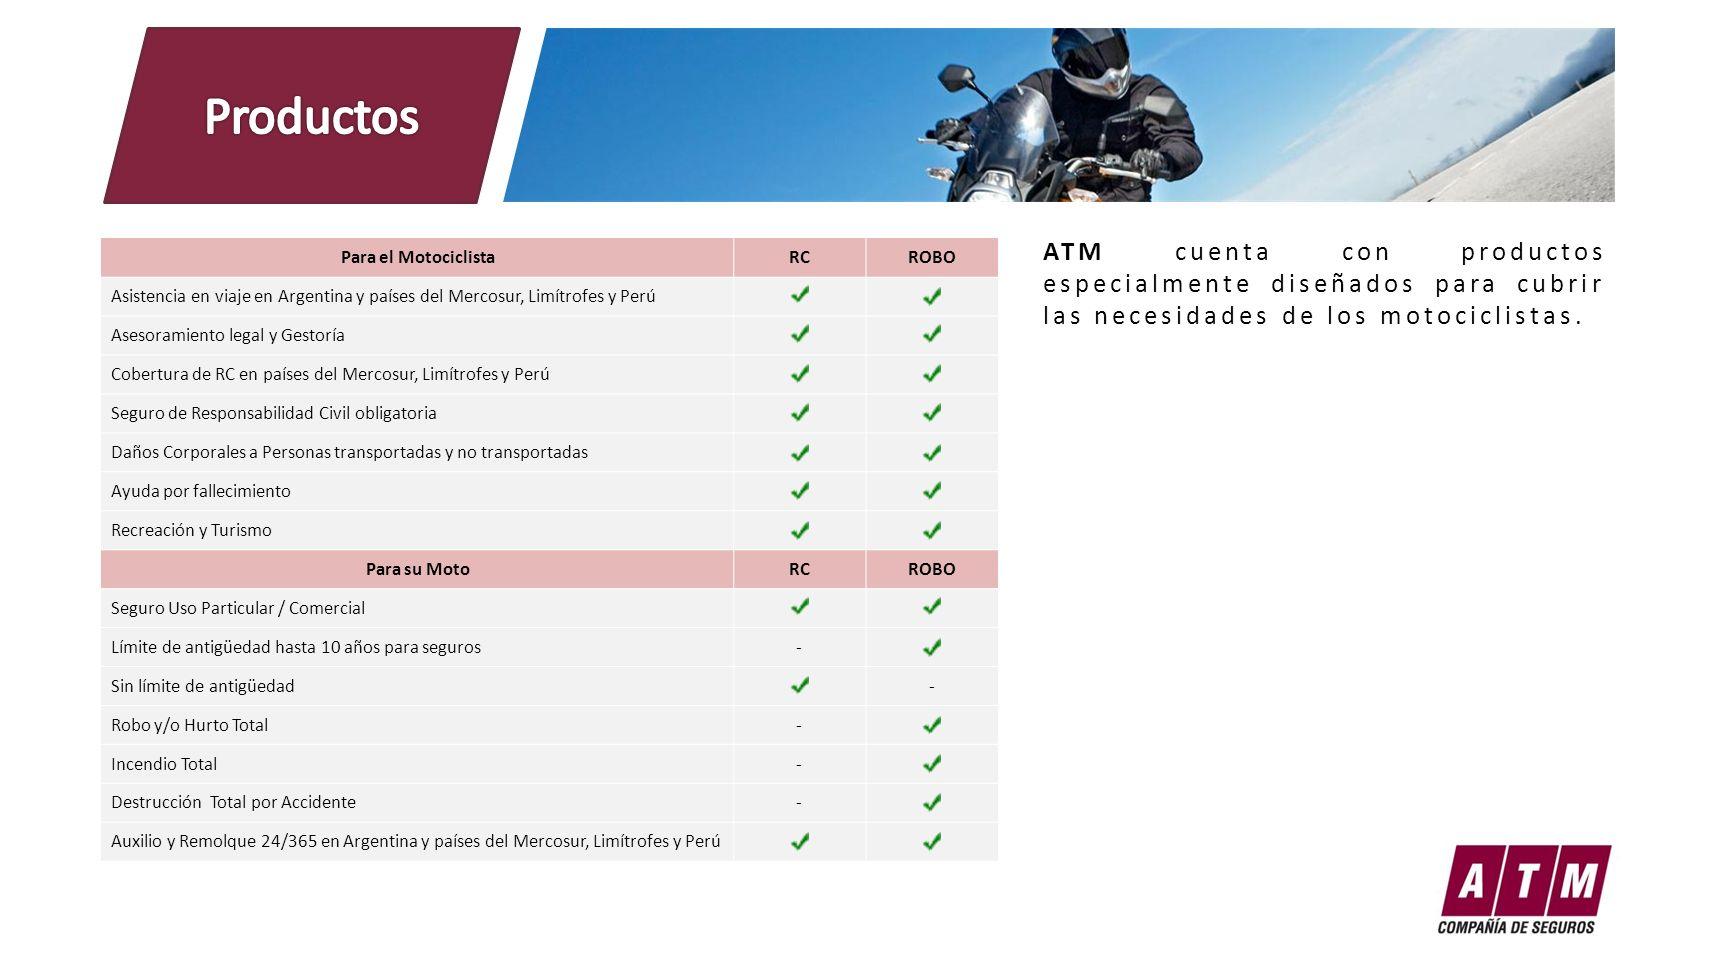 Productos ATM cuenta con productos especialmente diseñados para cubrir las necesidades de los motociclistas.